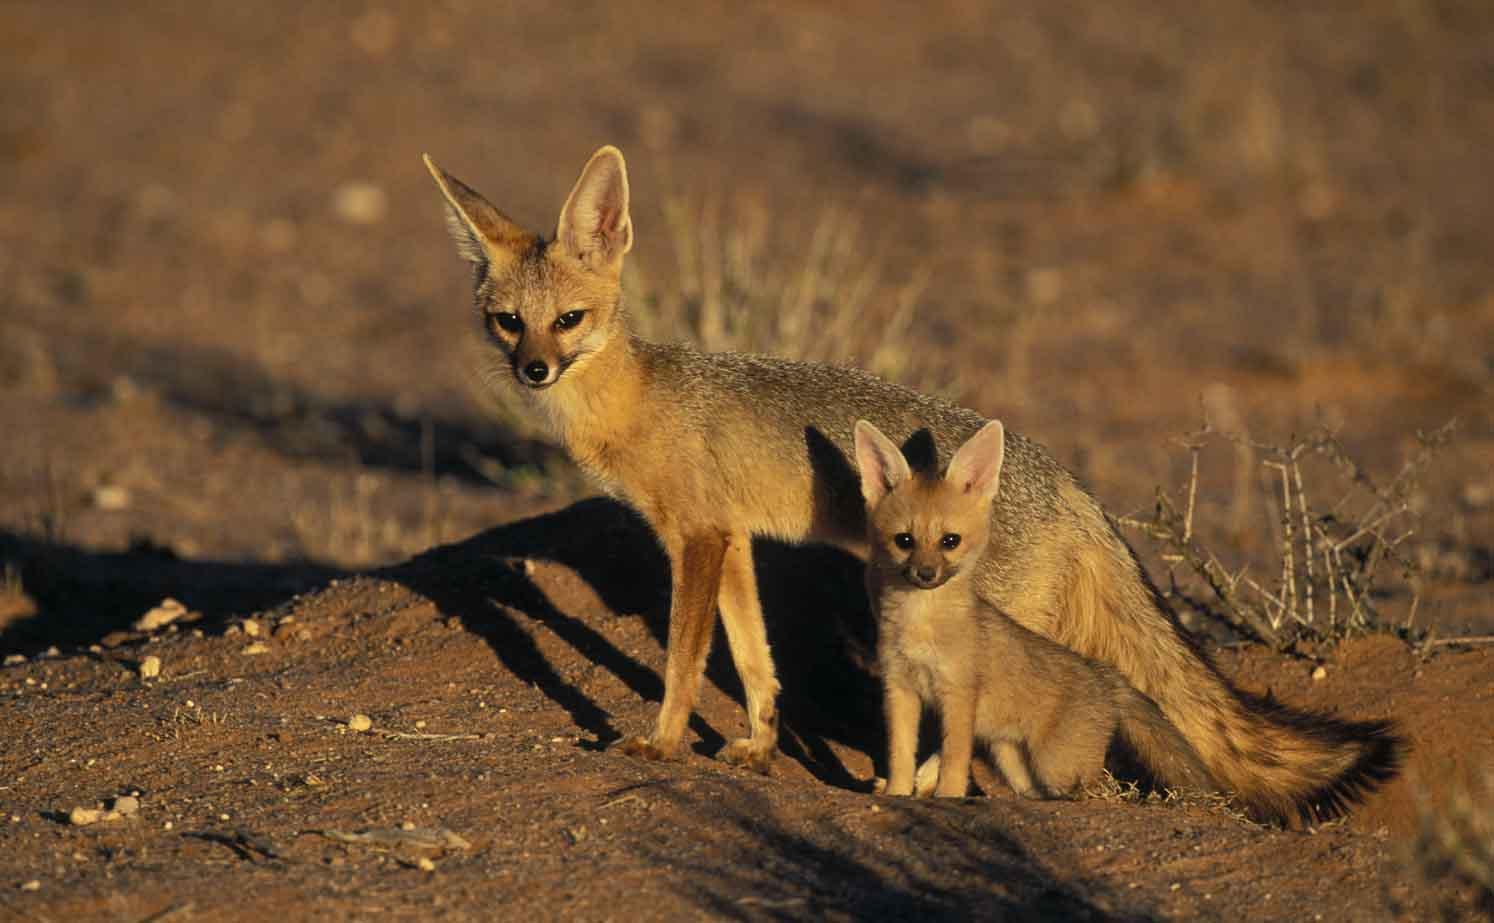 Пенза, зоопарк, обыкновенная лисица, лиса, fox (organism classification), red fox (organism classification), рыжая, обыкновенная, ordinary, fox, red, red fox